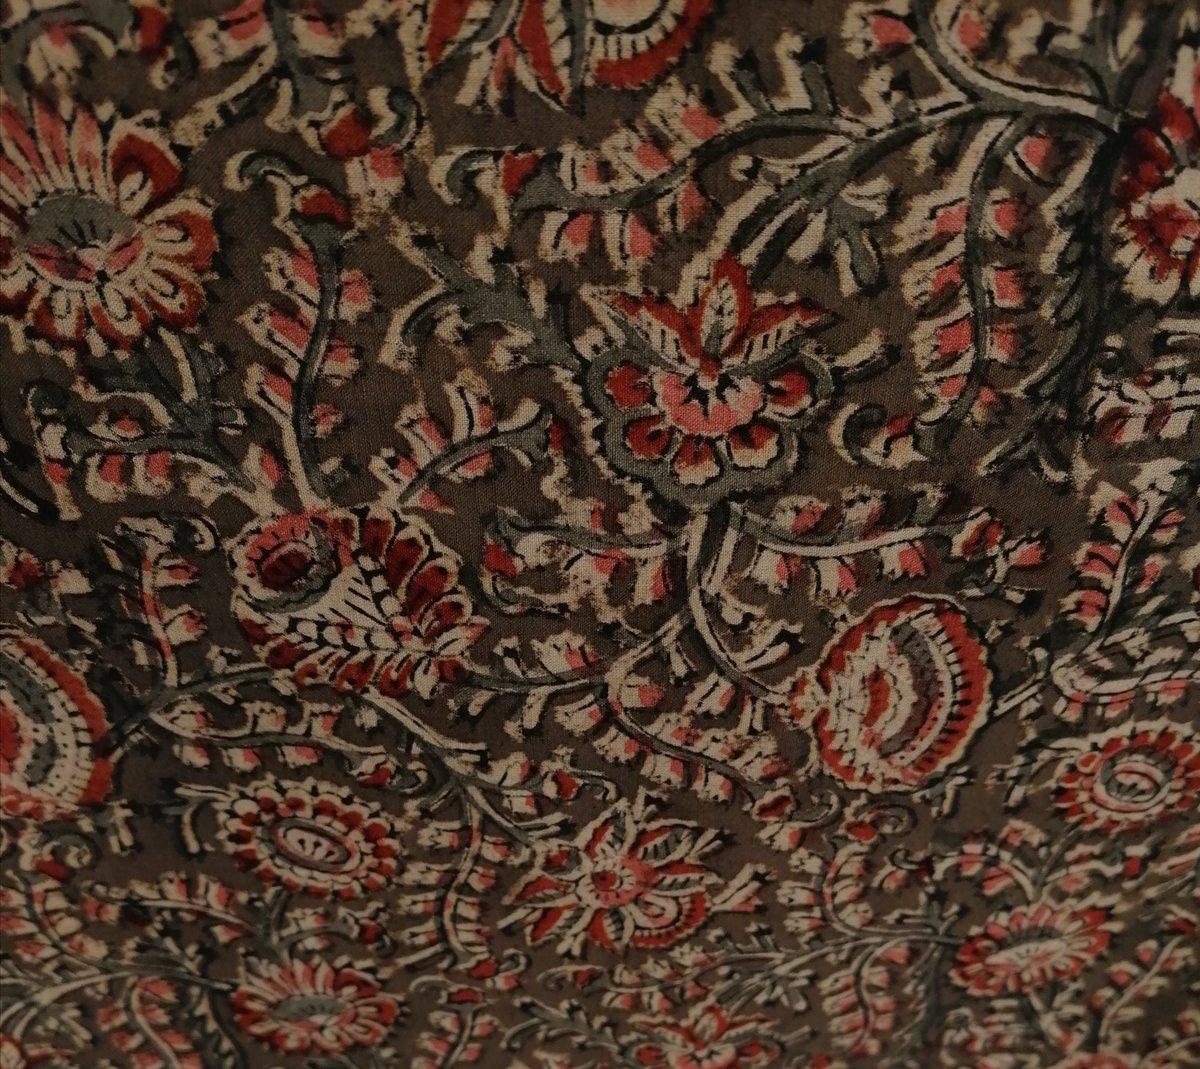 Image of Namasté fabric kaki arabesques